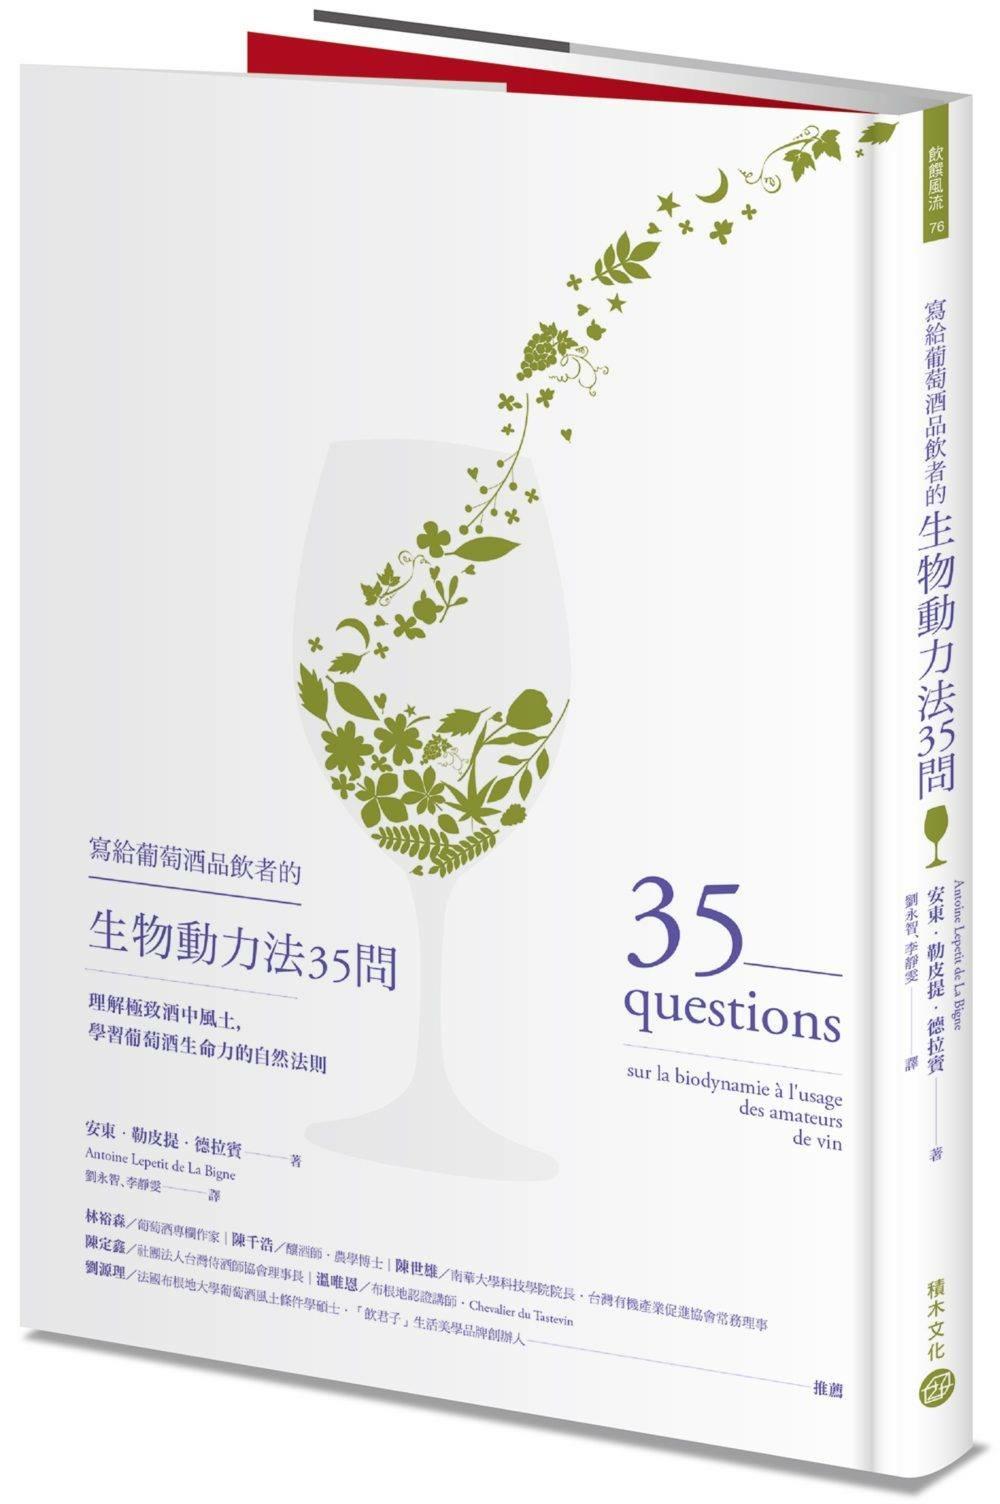 - 本場講座包含作者新書《寫給葡萄酒品飲者的生物動力法35問》一本與品飲自然葡萄酒兩款